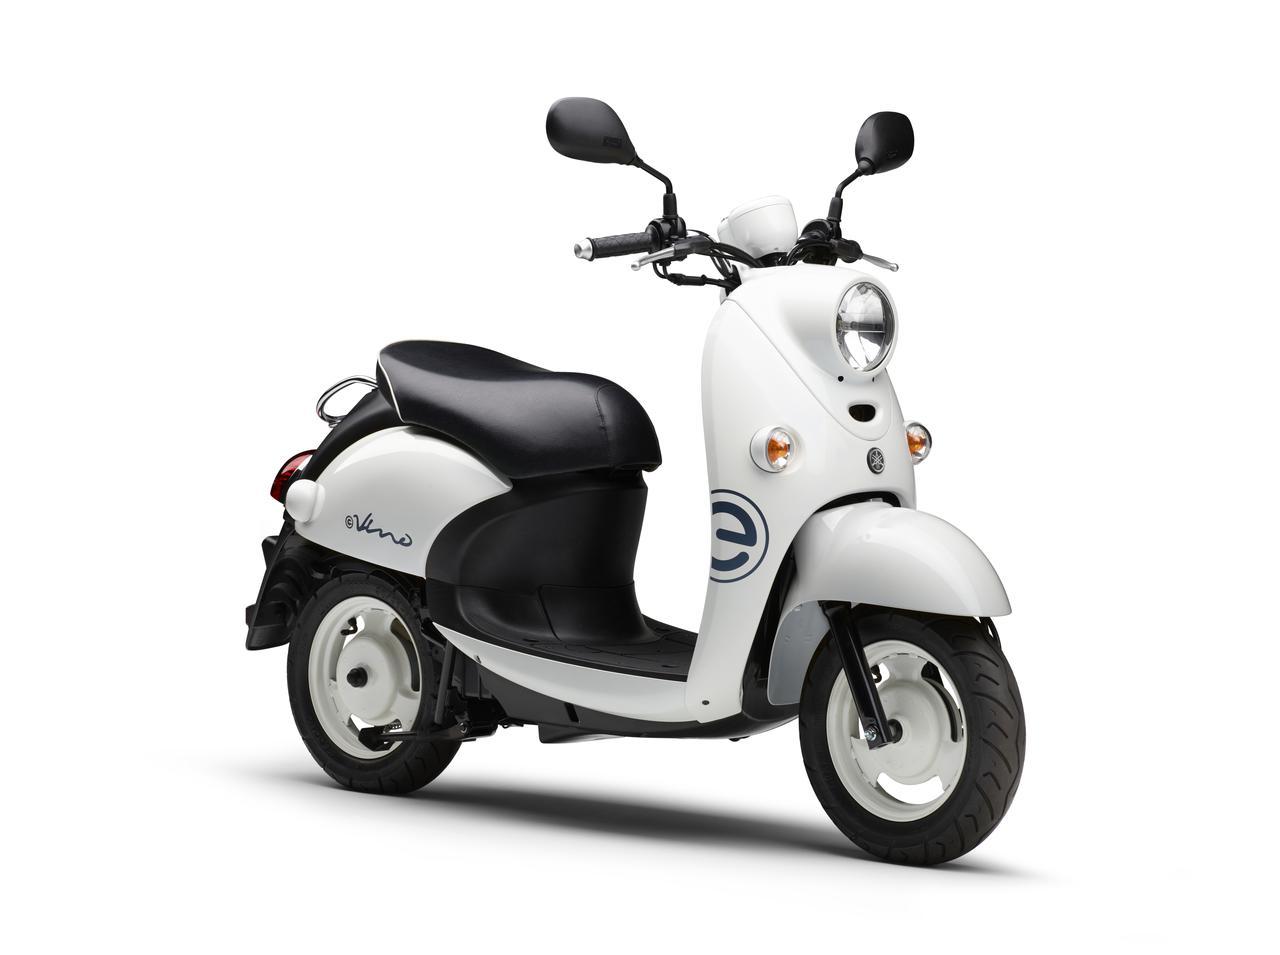 画像10: ヤマハが電動スクーター「E-Vino」(イービーノ)の2021年モデルを発売! 初のカラーチェンジでイメージを一新